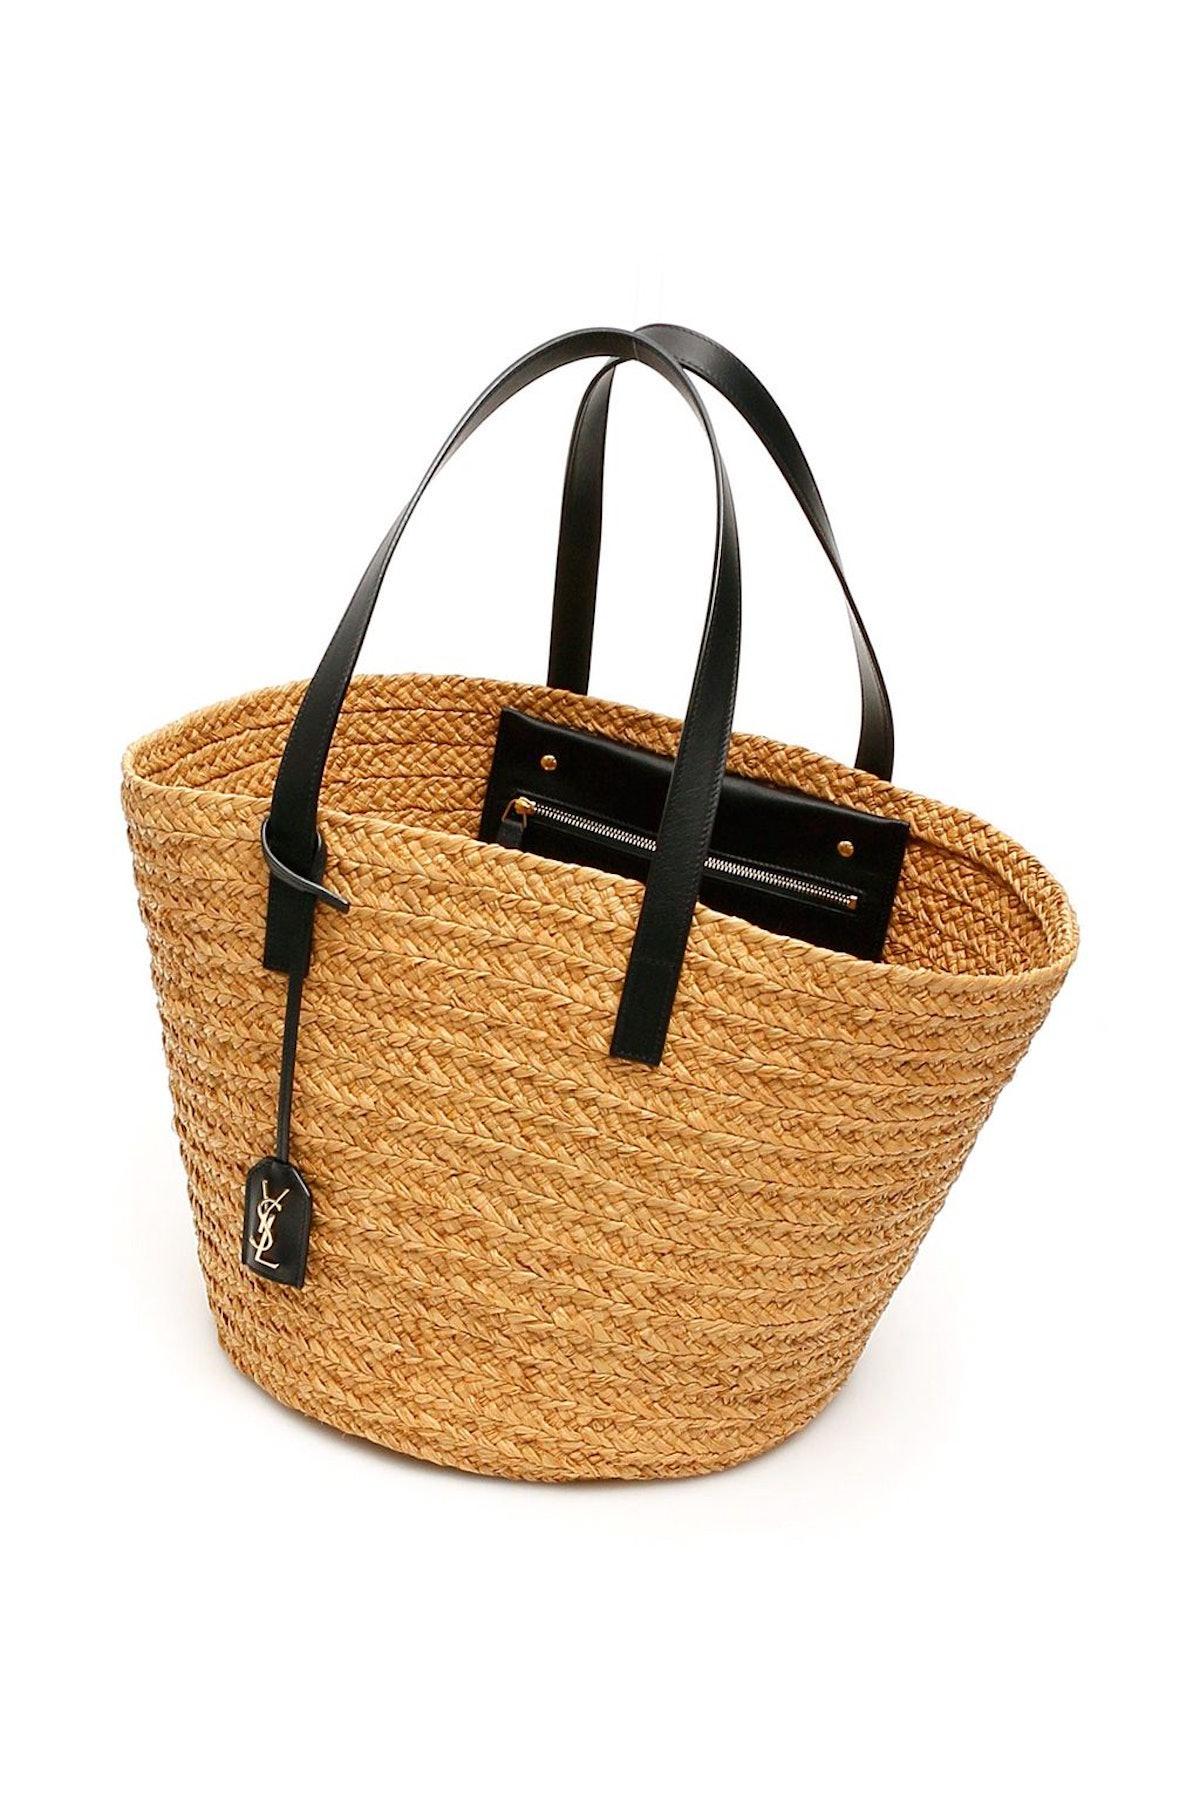 Saint Laurent Panier Bag: image 1